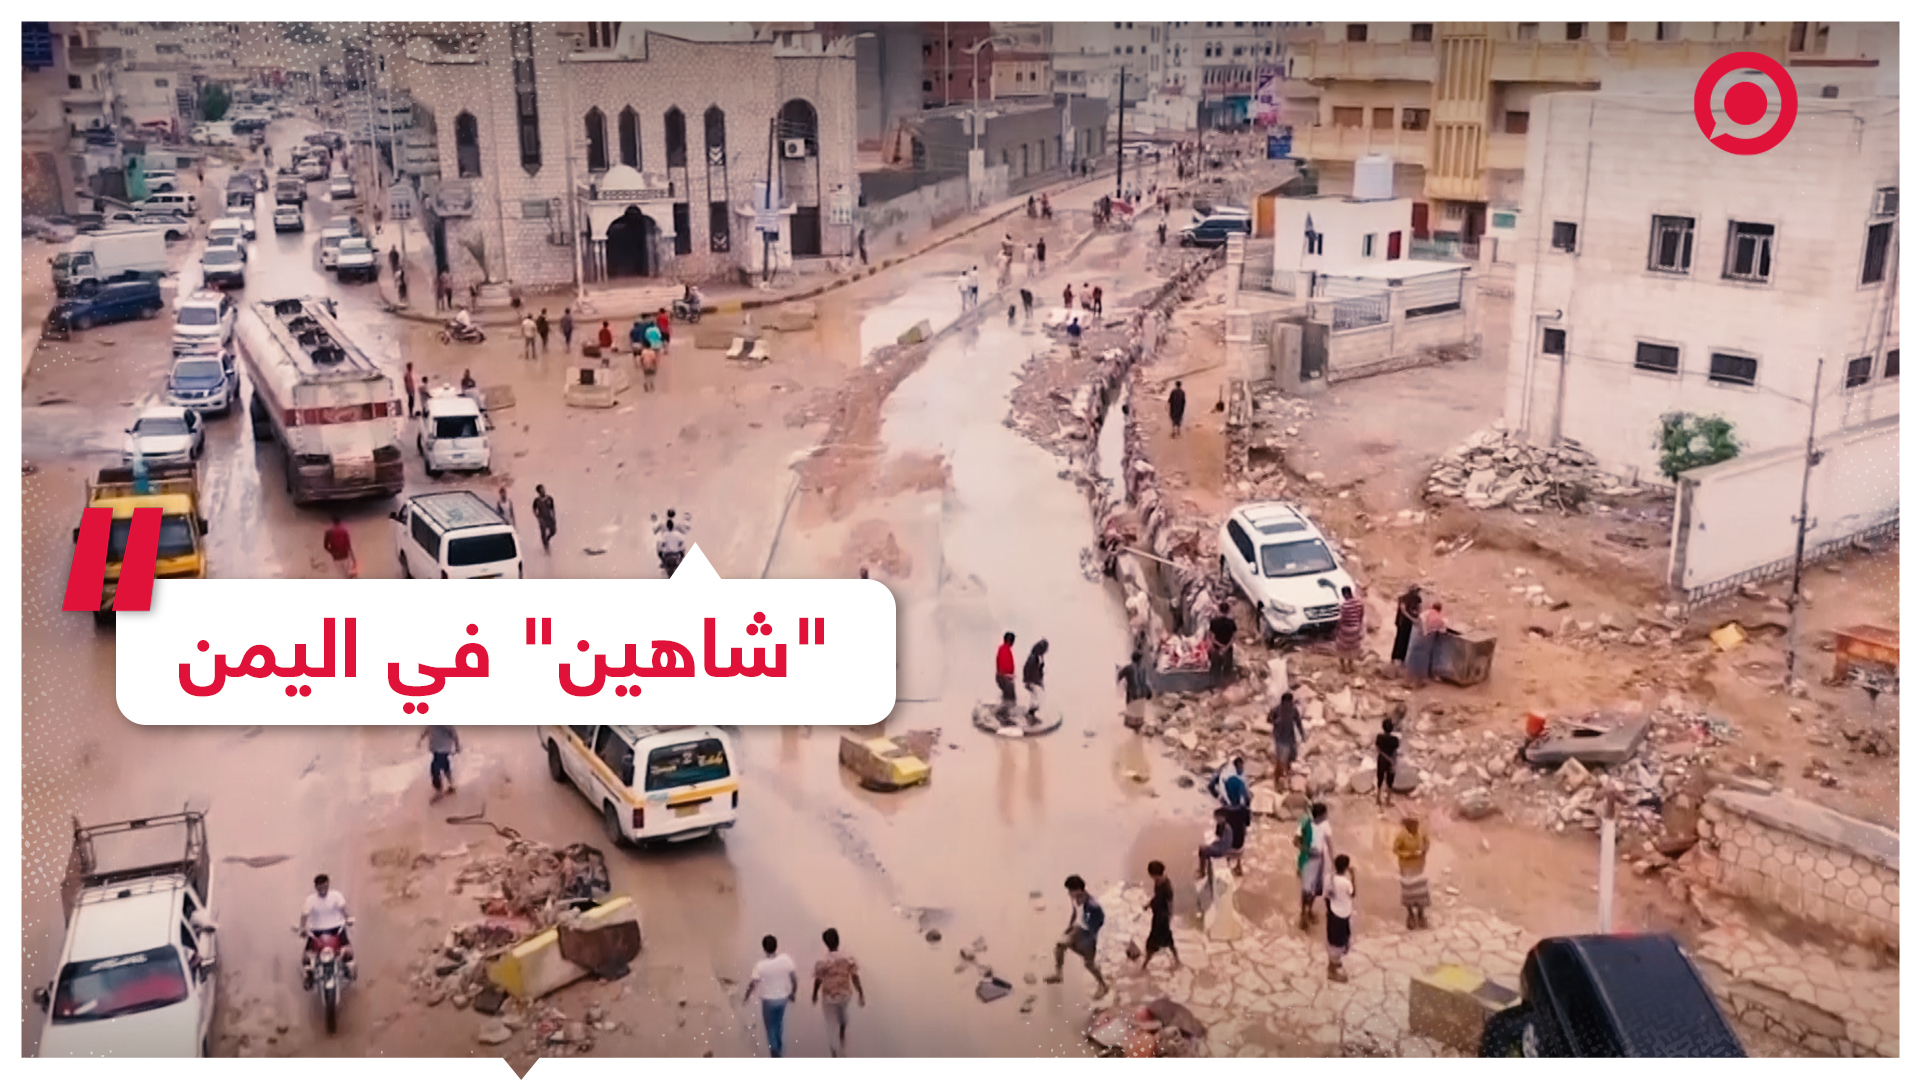 #اليمن #إعصار_شاهير